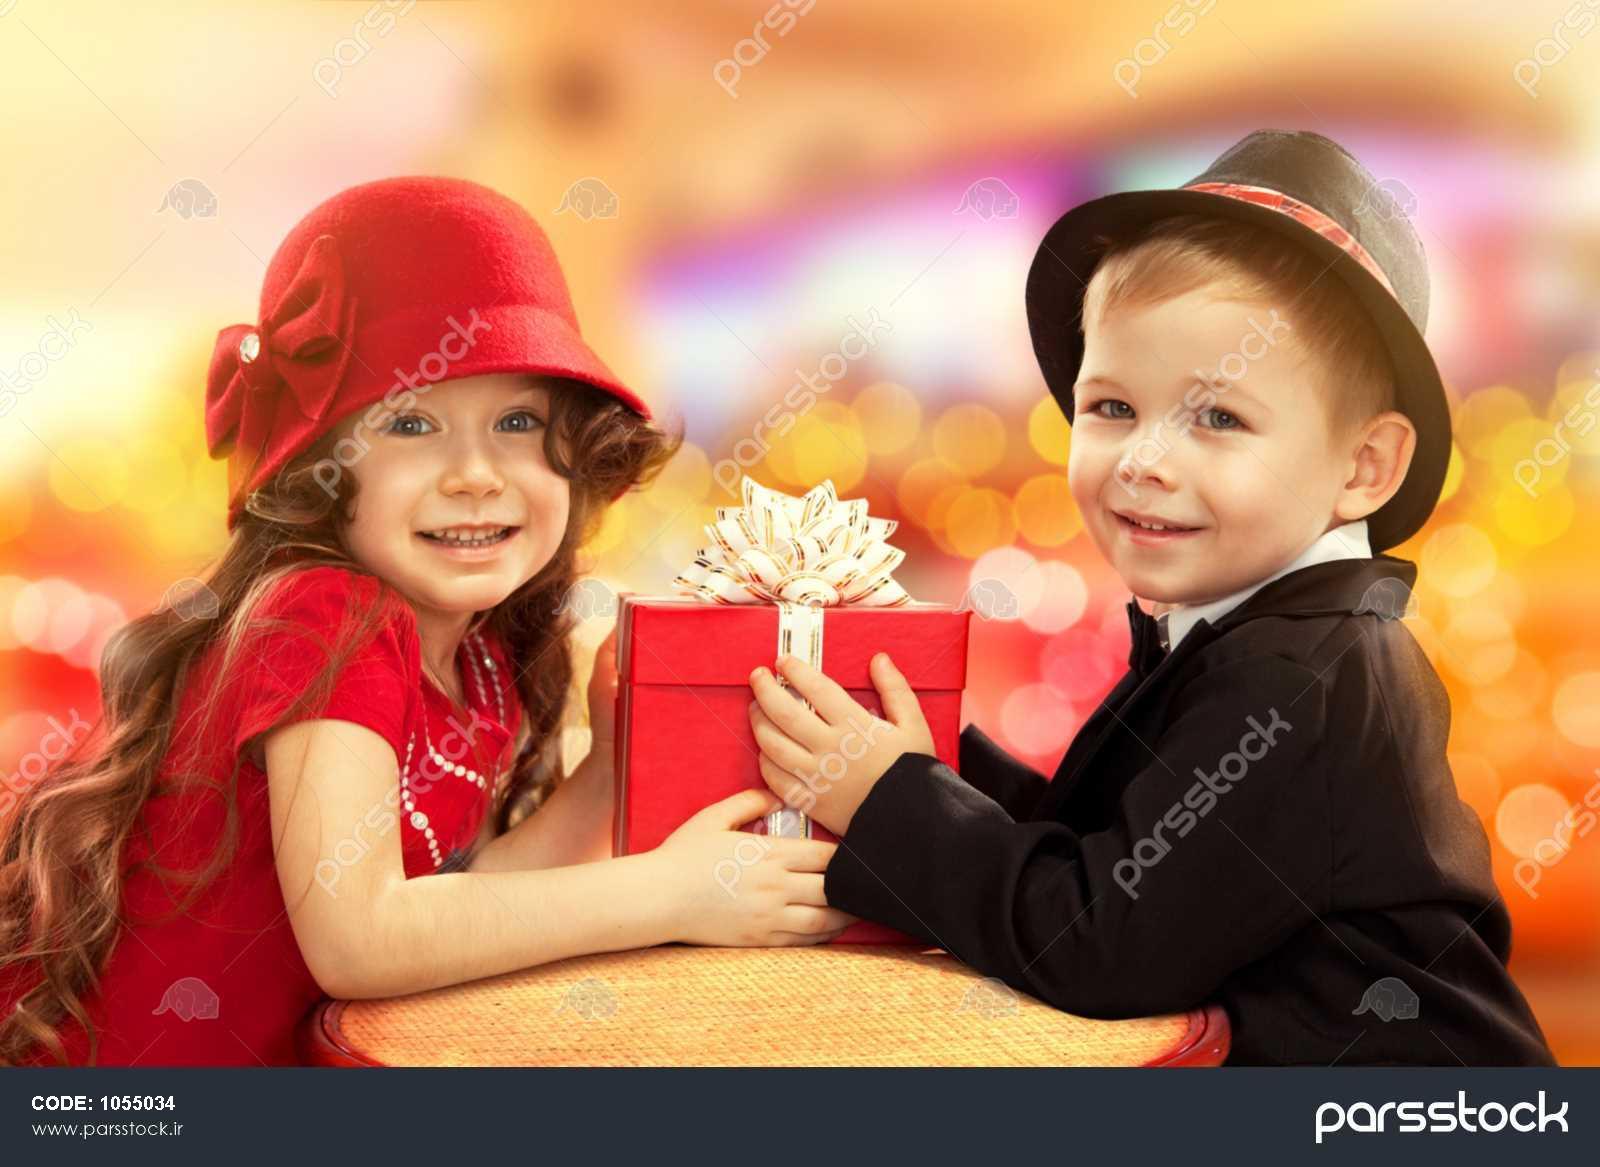 عکس روز ولنتاین دختر پسر